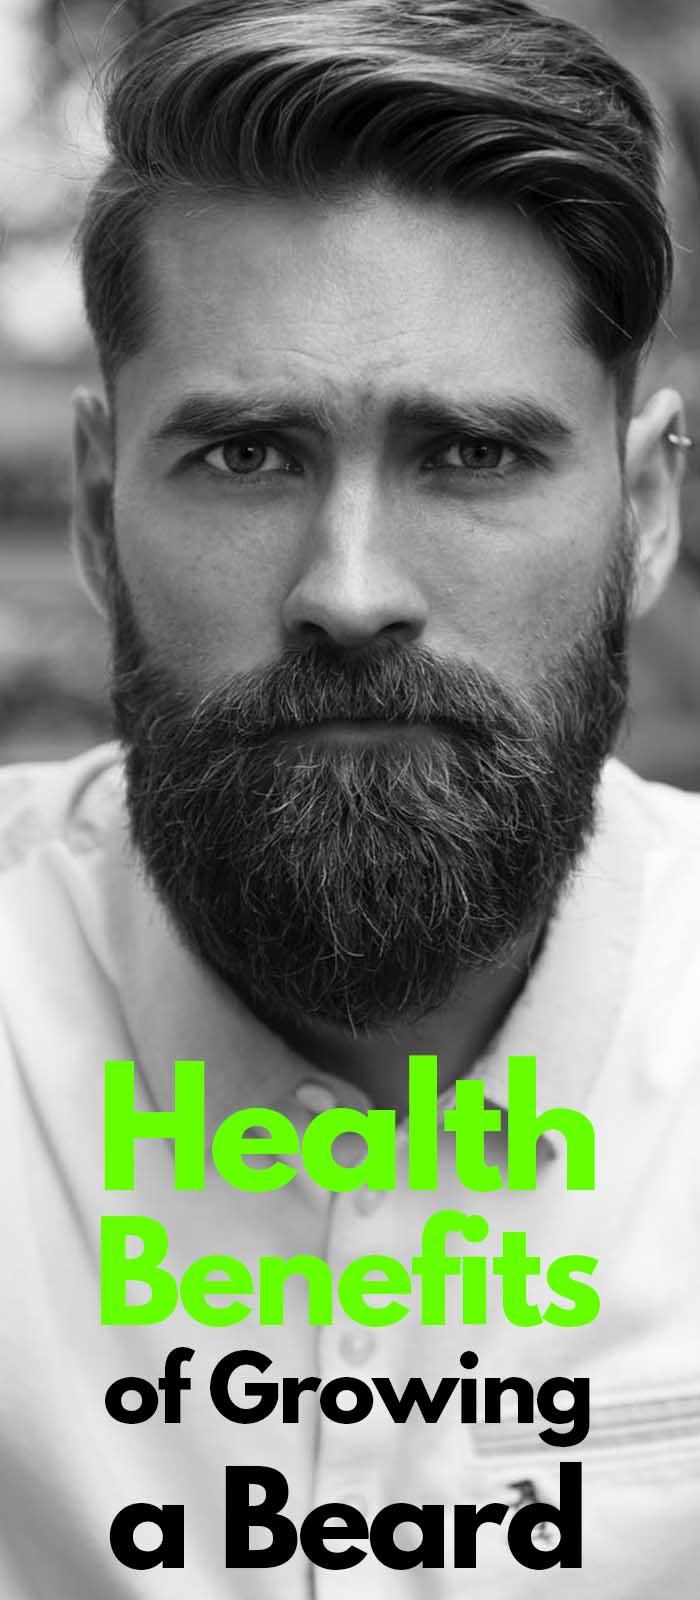 Beard Growing Benefits